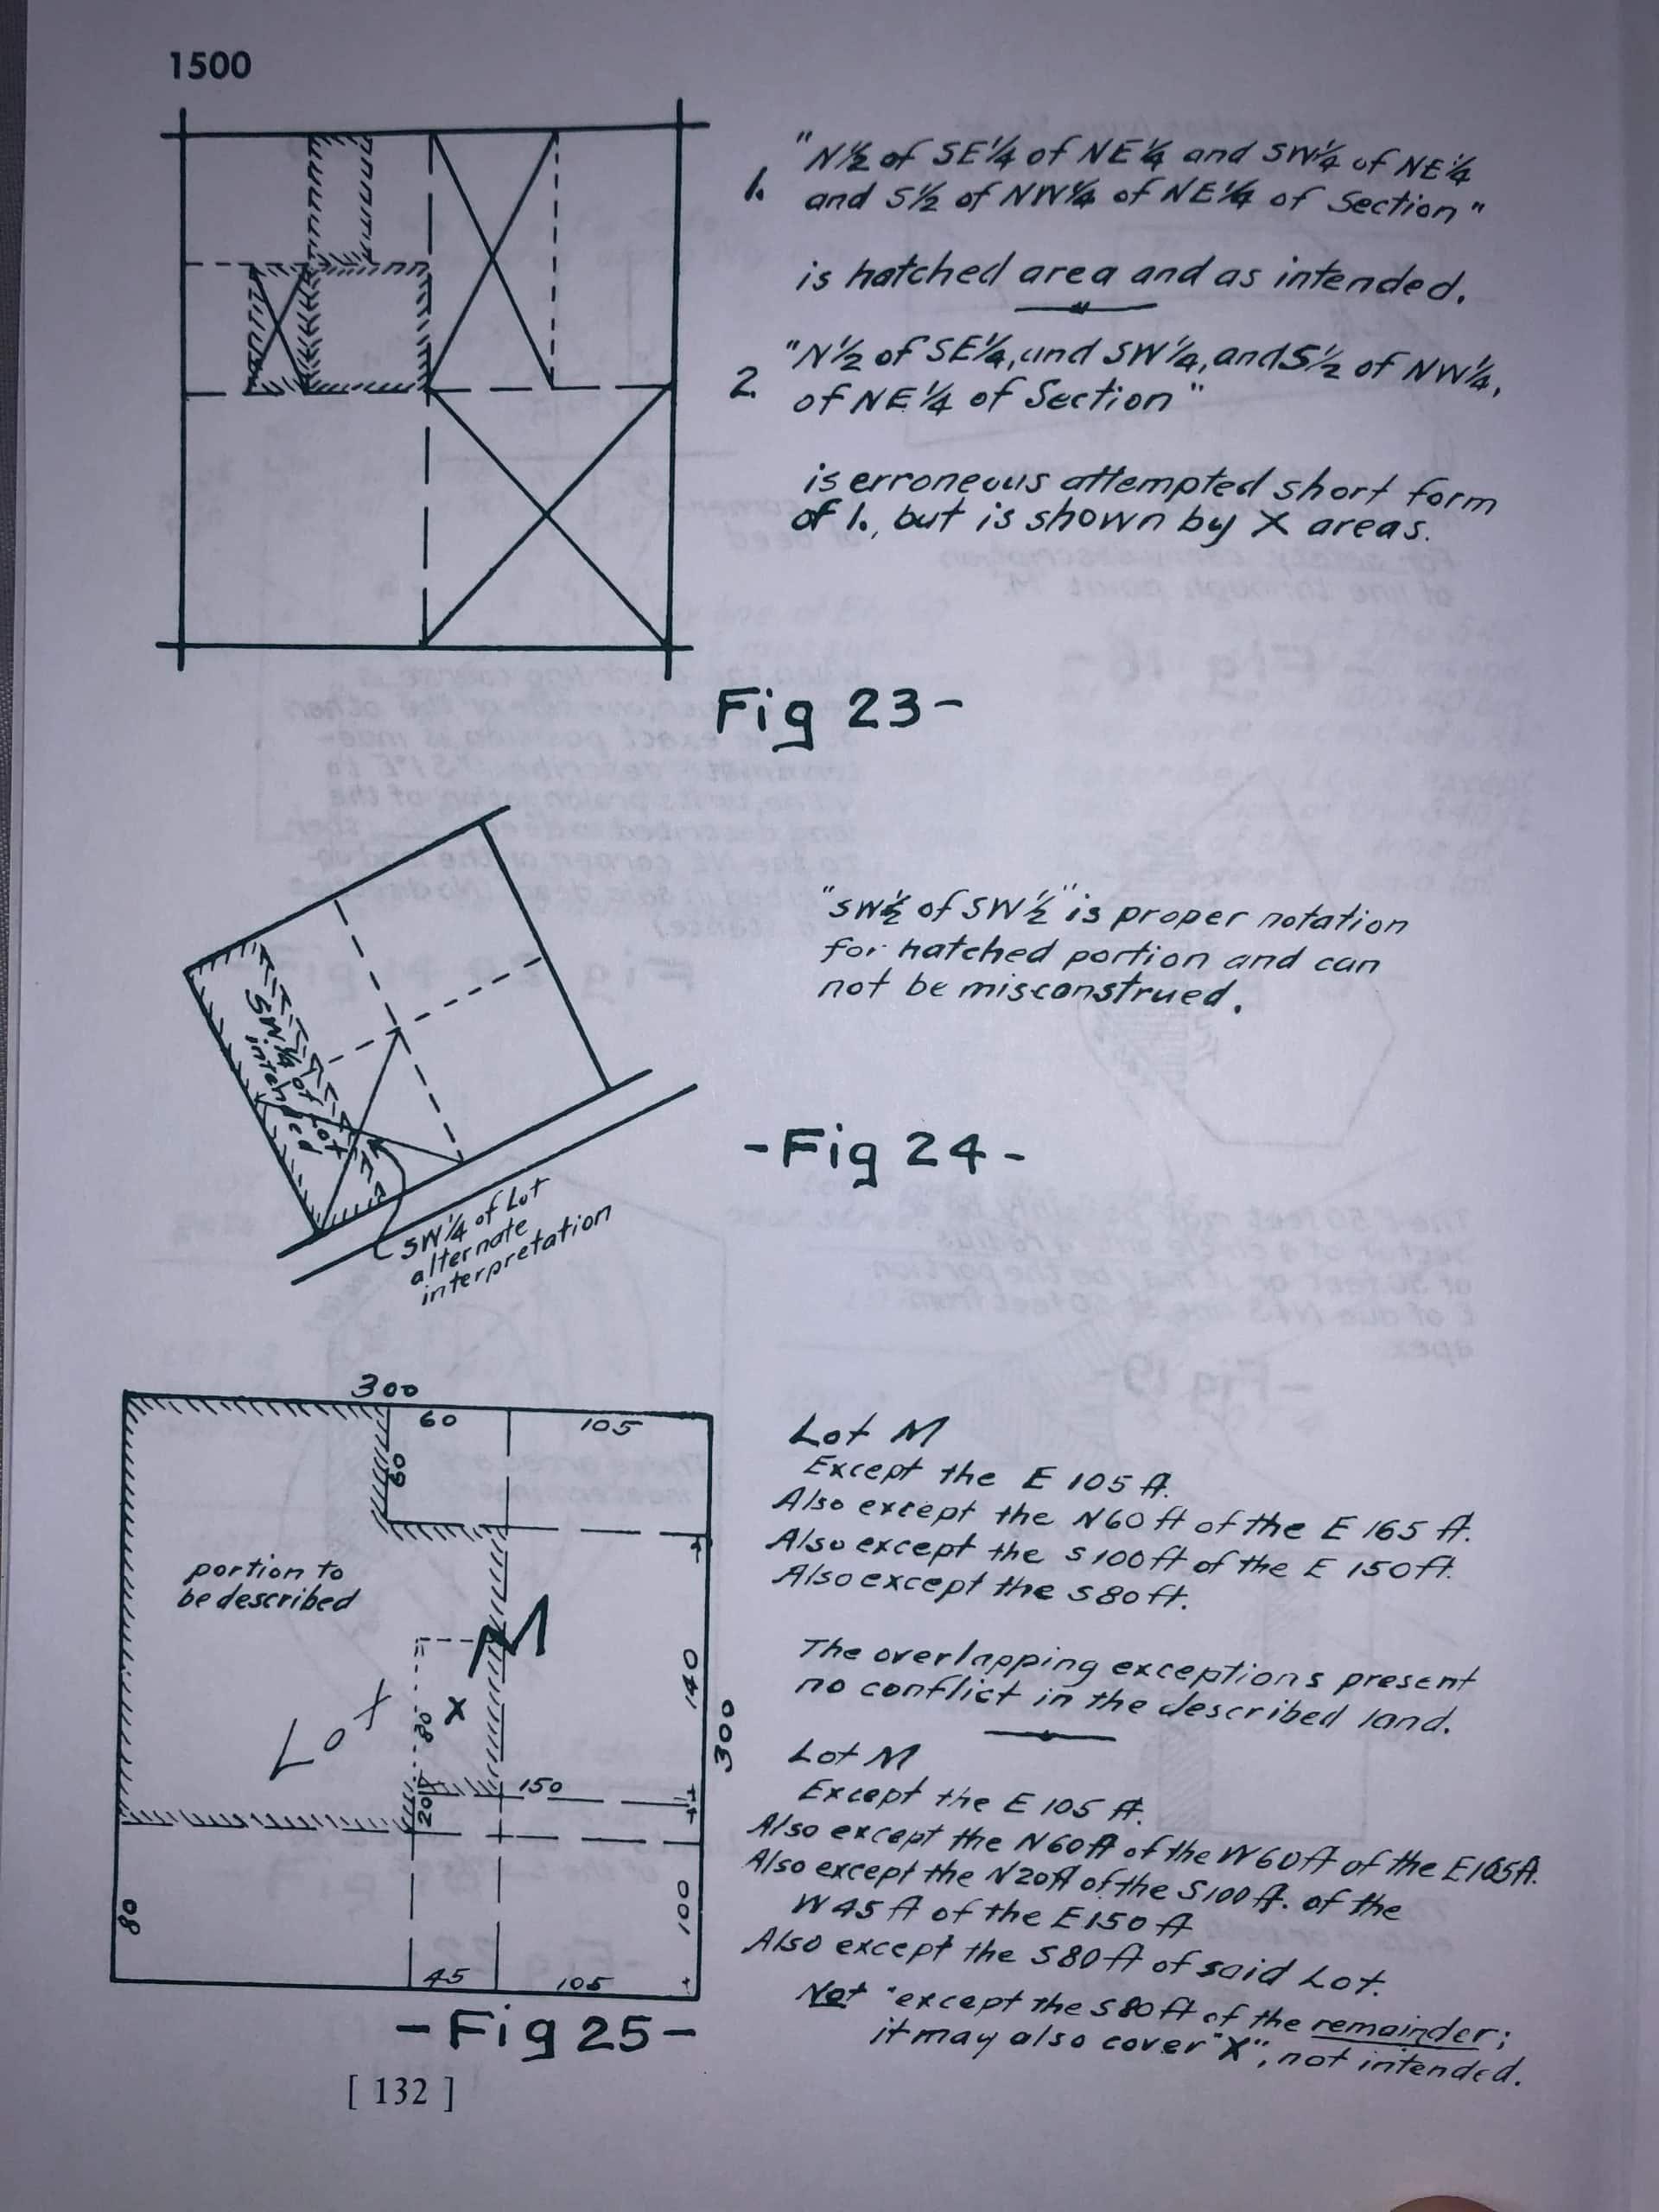 Wattles Land Survey Descriptions